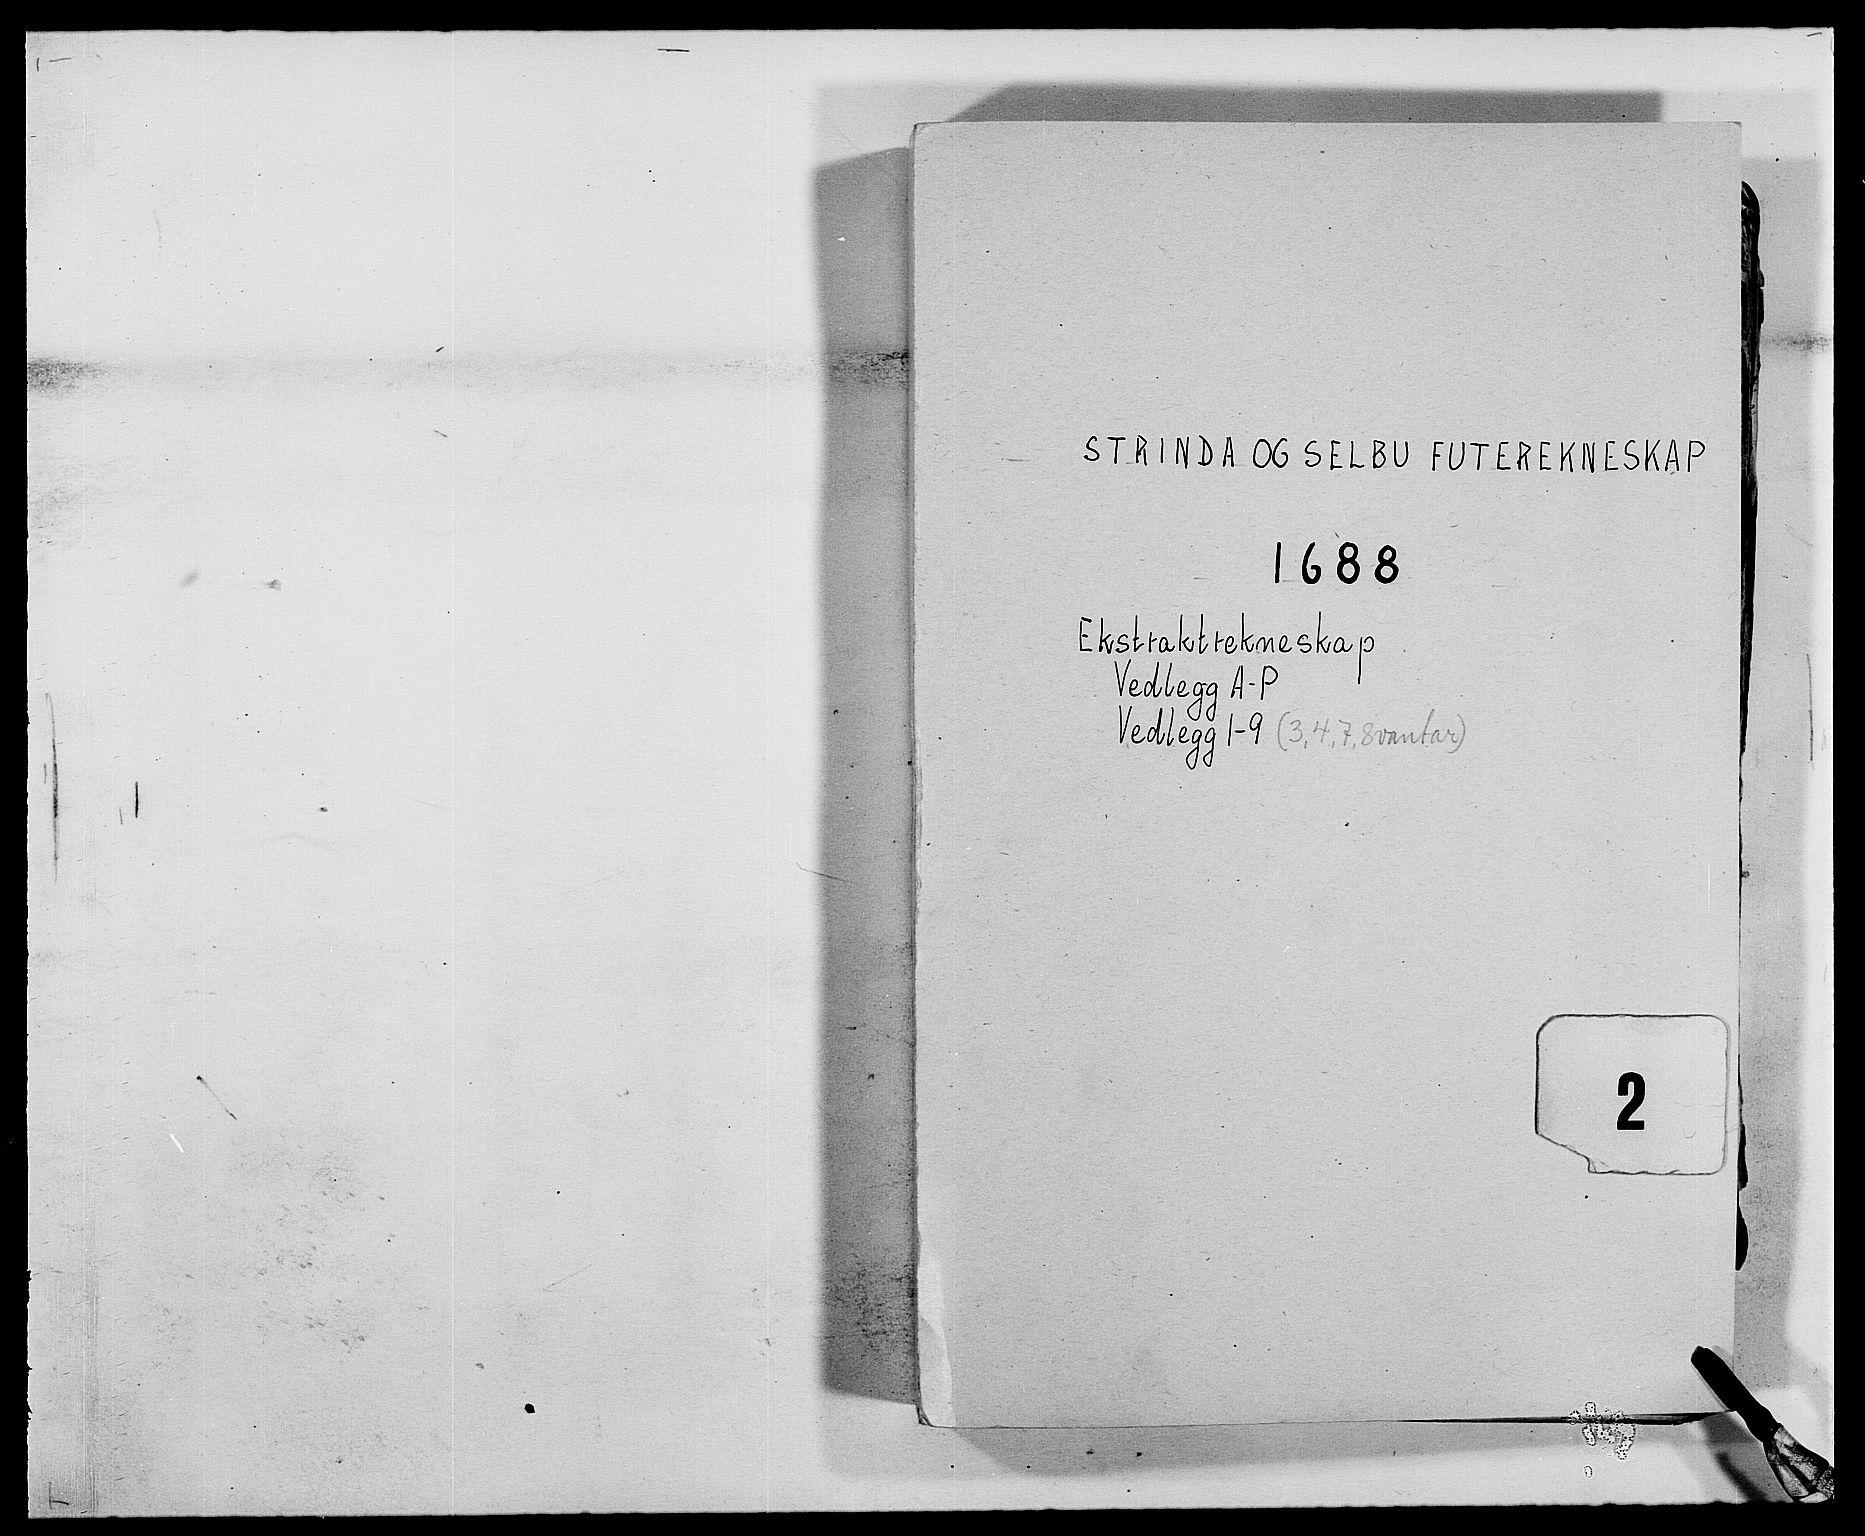 RA, Rentekammeret inntil 1814, Reviderte regnskaper, Fogderegnskap, R61/L4101: Fogderegnskap Strinda og Selbu, 1687-1688, s. 157